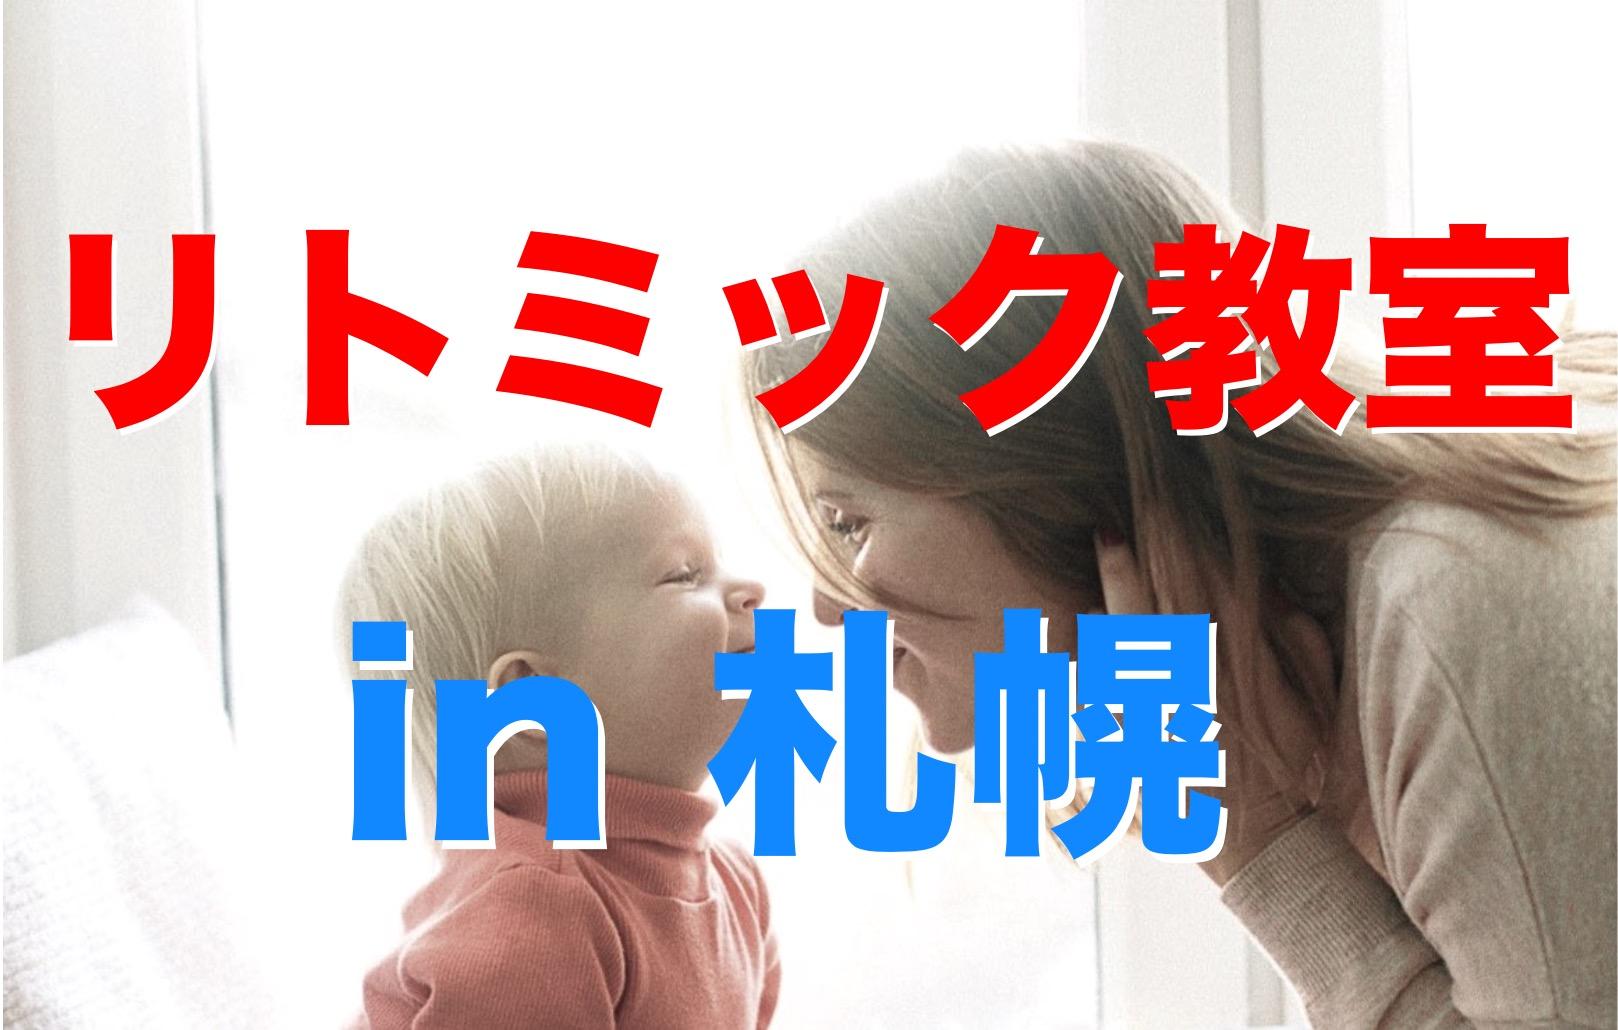 リトミック 札幌